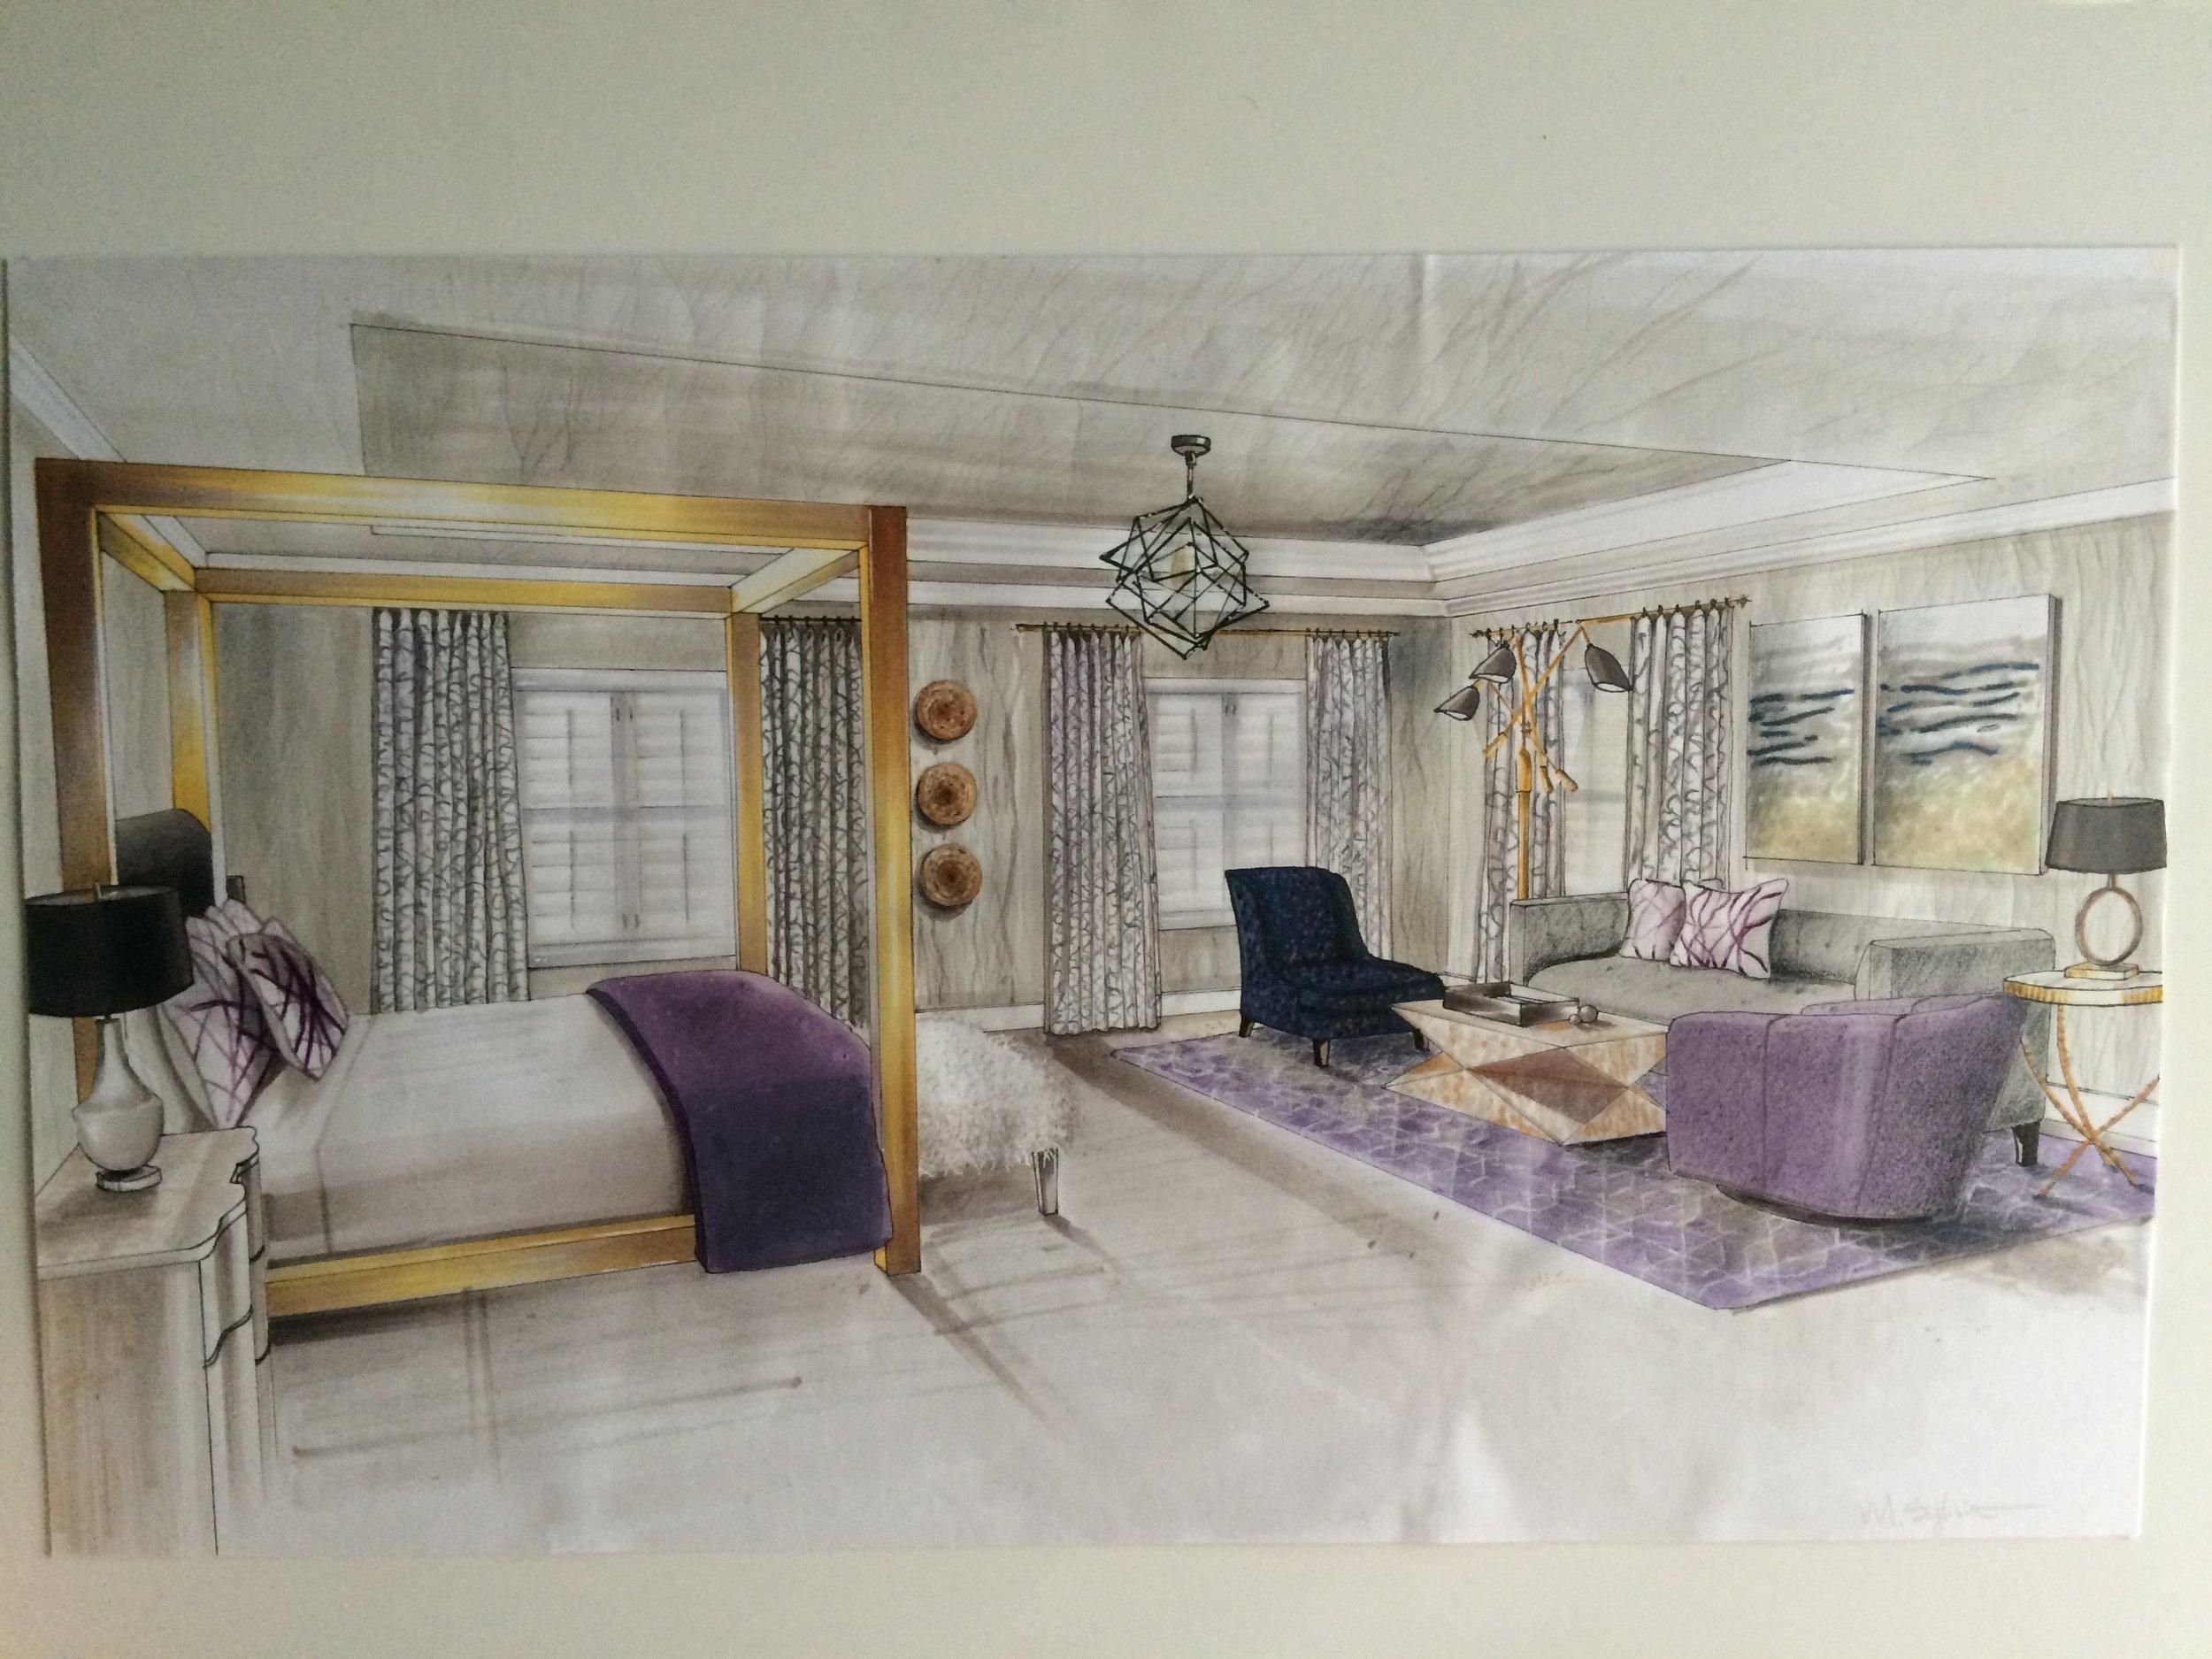 DRD master bedroom rendering 2015.jpg